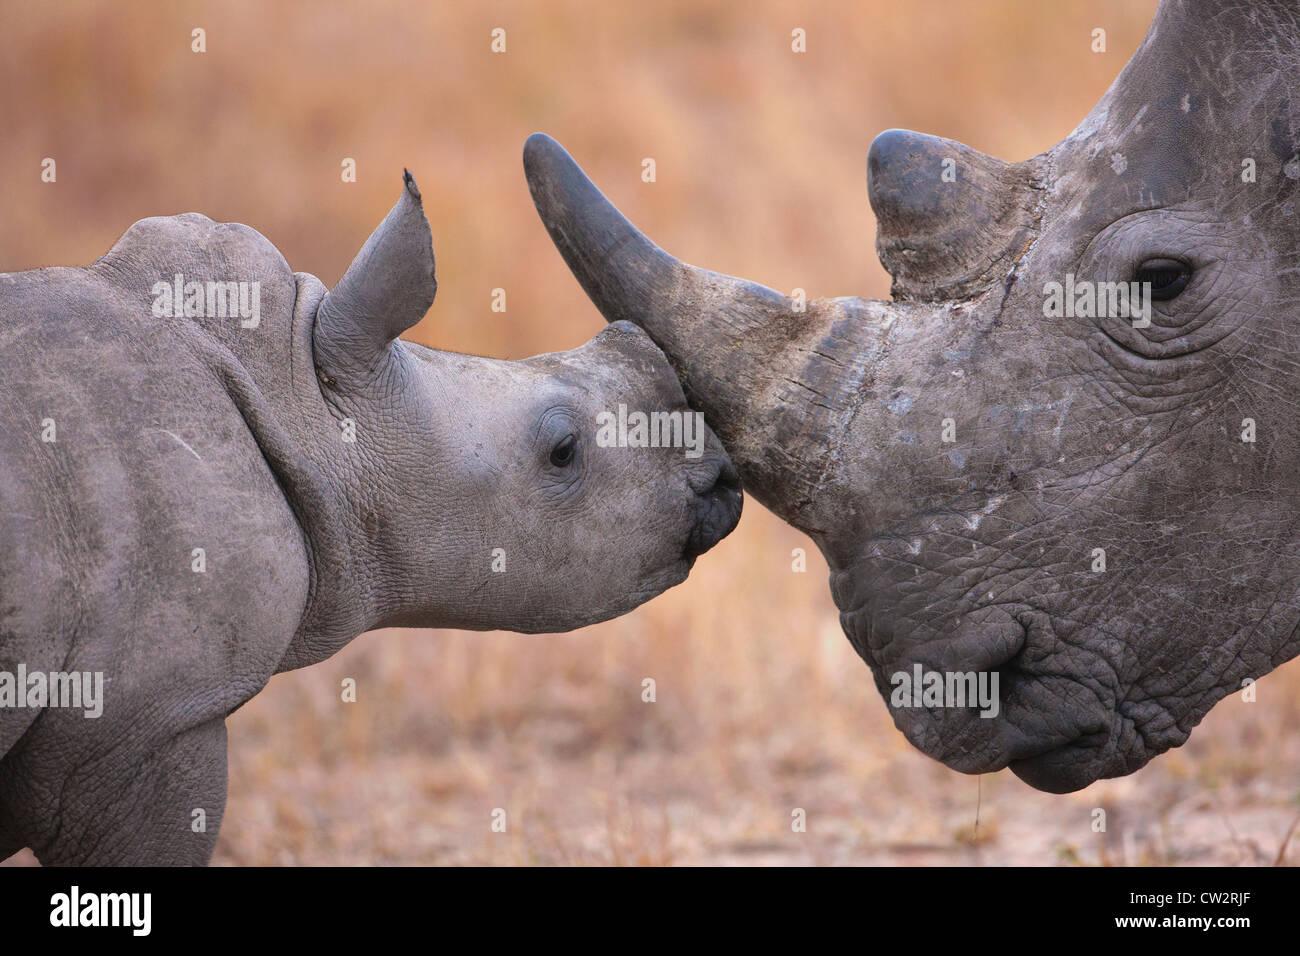 Bebé de rinoceronte blanco besar su madre Imagen De Stock